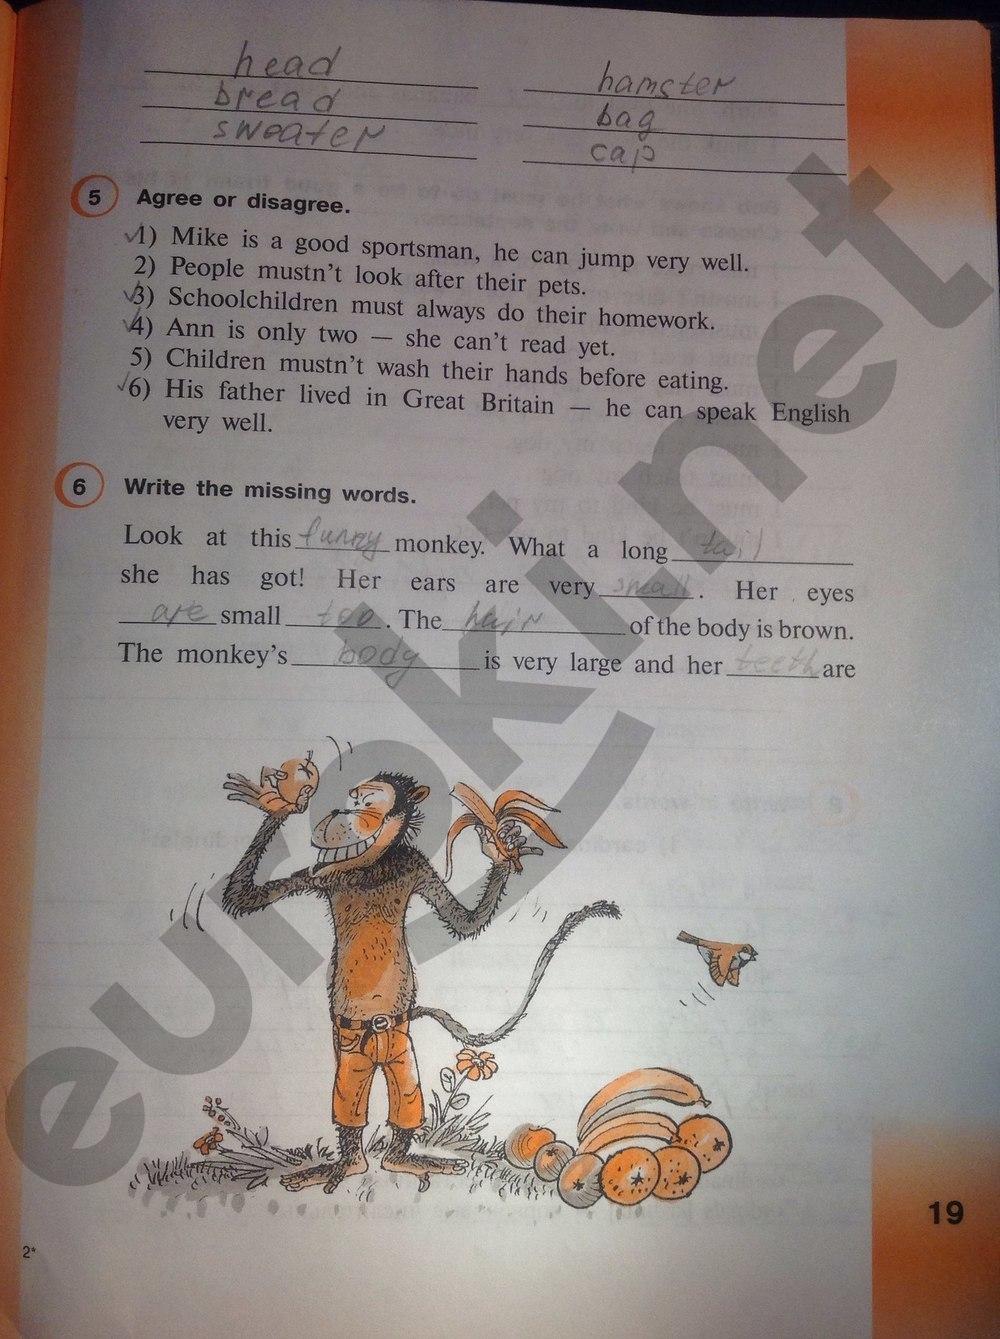 ГДЗ по английскому языку 3 класс рабочая тетрадь Верещагина И.Н. Притыкина Т.А.. Задание: стр. 19